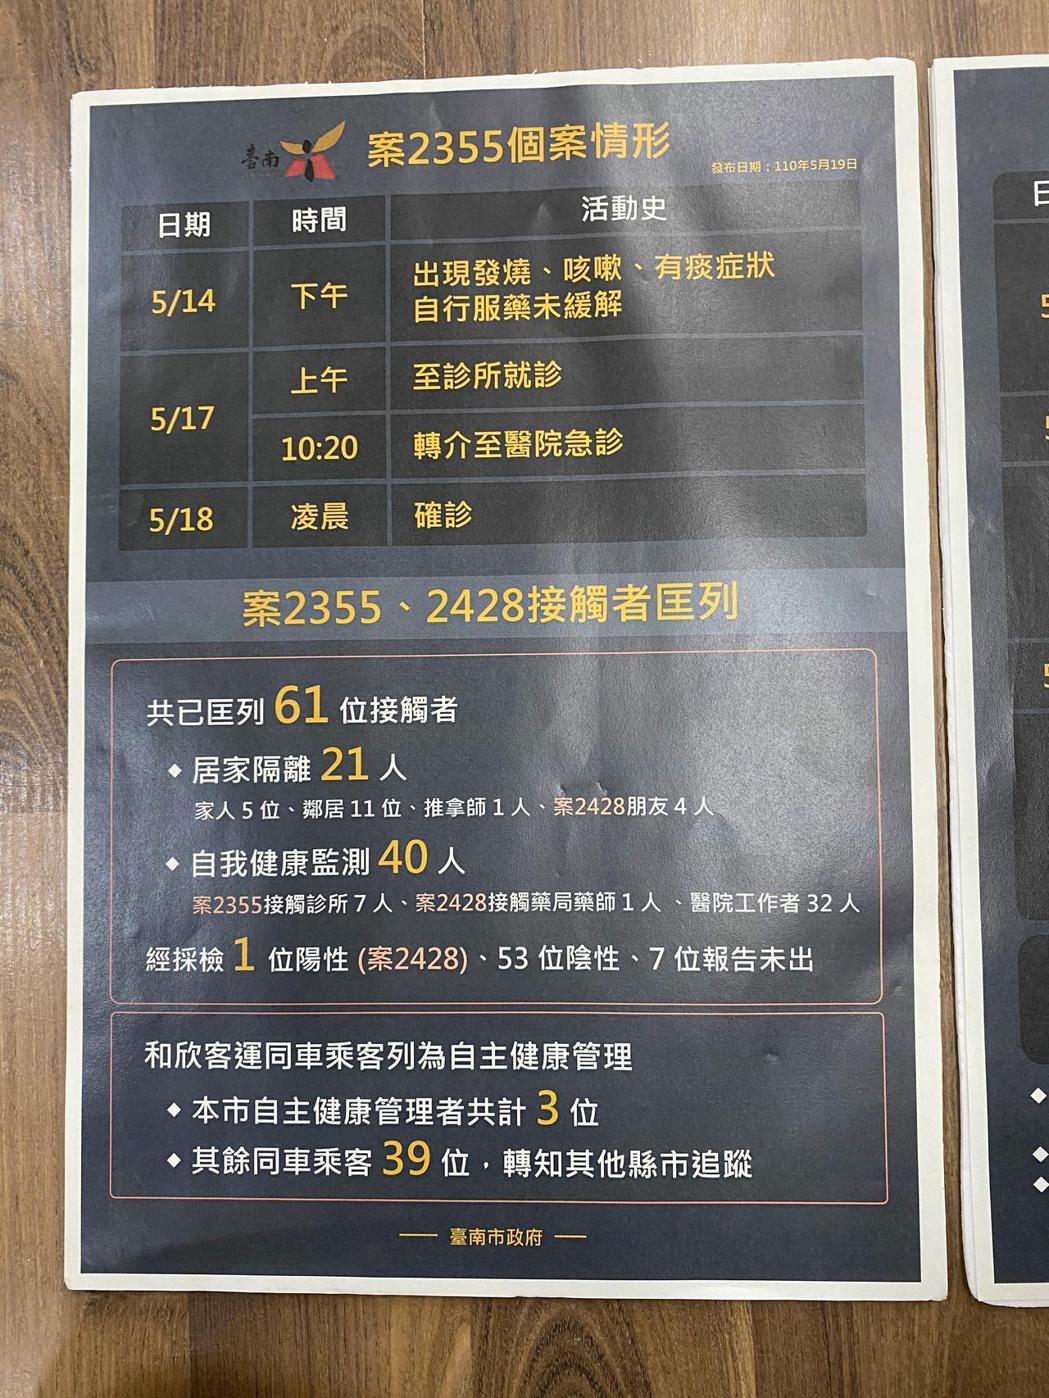 台南市今天確診兩例足跡。圉/市政府提供